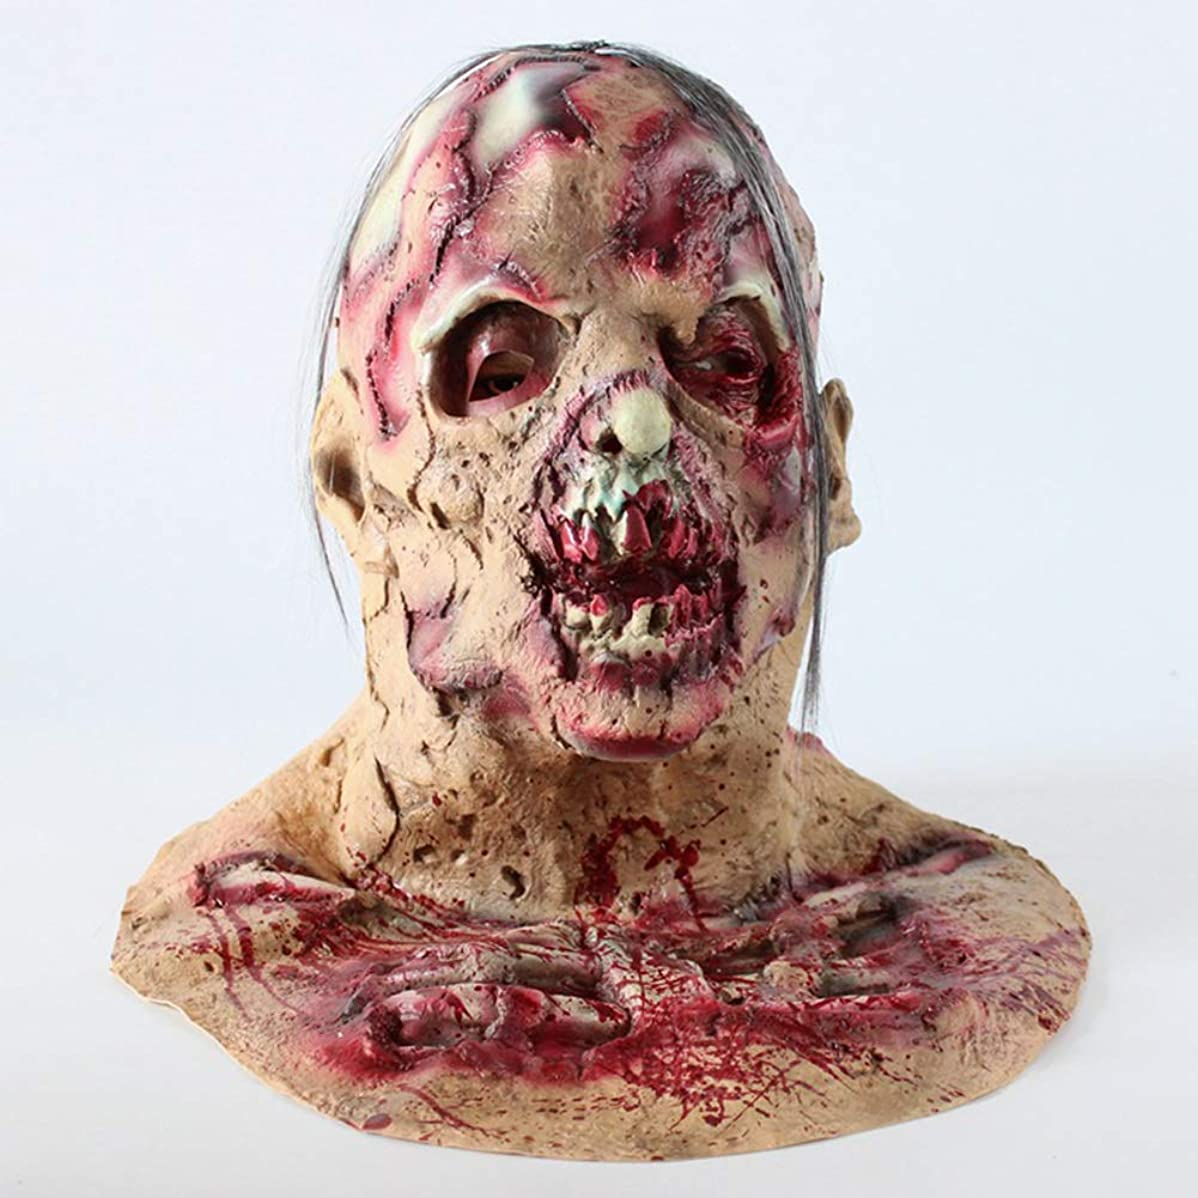 送る本質的にスラム街ハロウィーンホラーマスク、嫌なゾンビマスク、バイオハザードヘッドマスク、パーティー仮装ラテックスマスク